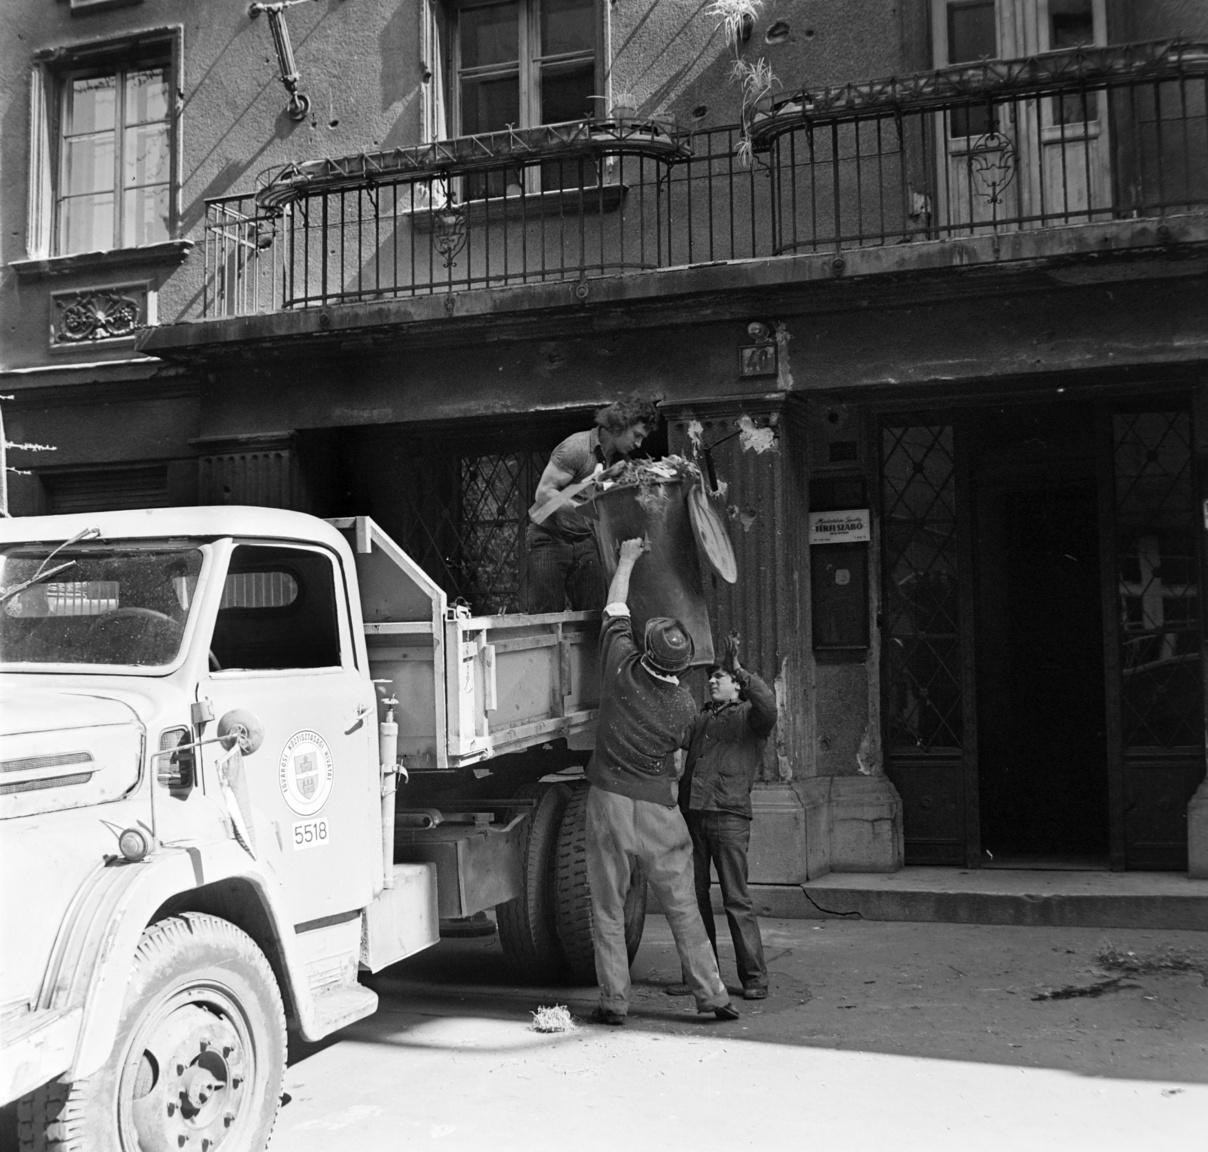 A képen egy pormentesnek éppen nem nevezjető szemetesautót pakolnak. Sokan nem tudják, de az első gépesített, pormentes szemétgyűjtő-autók már 1928-ban megérkeztek az országba. Az alváz a Mercedes-Benz, a tartály pedig az augsburgi Keller und Knappich gyárból került ki. A főváros az első járművet a Keller und Knappich Augsburg cégtől rendelte meg, a kocsik oldalán ott virított a cég rövidített neve: K.U.K.A. Innen jött a pesti nyelvbe a kukásautó elnevezés, ami annak ellenére tartja magát majdnem száz év elteltével is, hogy az eredeti Keller und Knappich kocsik maradékát is már rég elemésztette a szemét. (A cég viszont máig működik.)